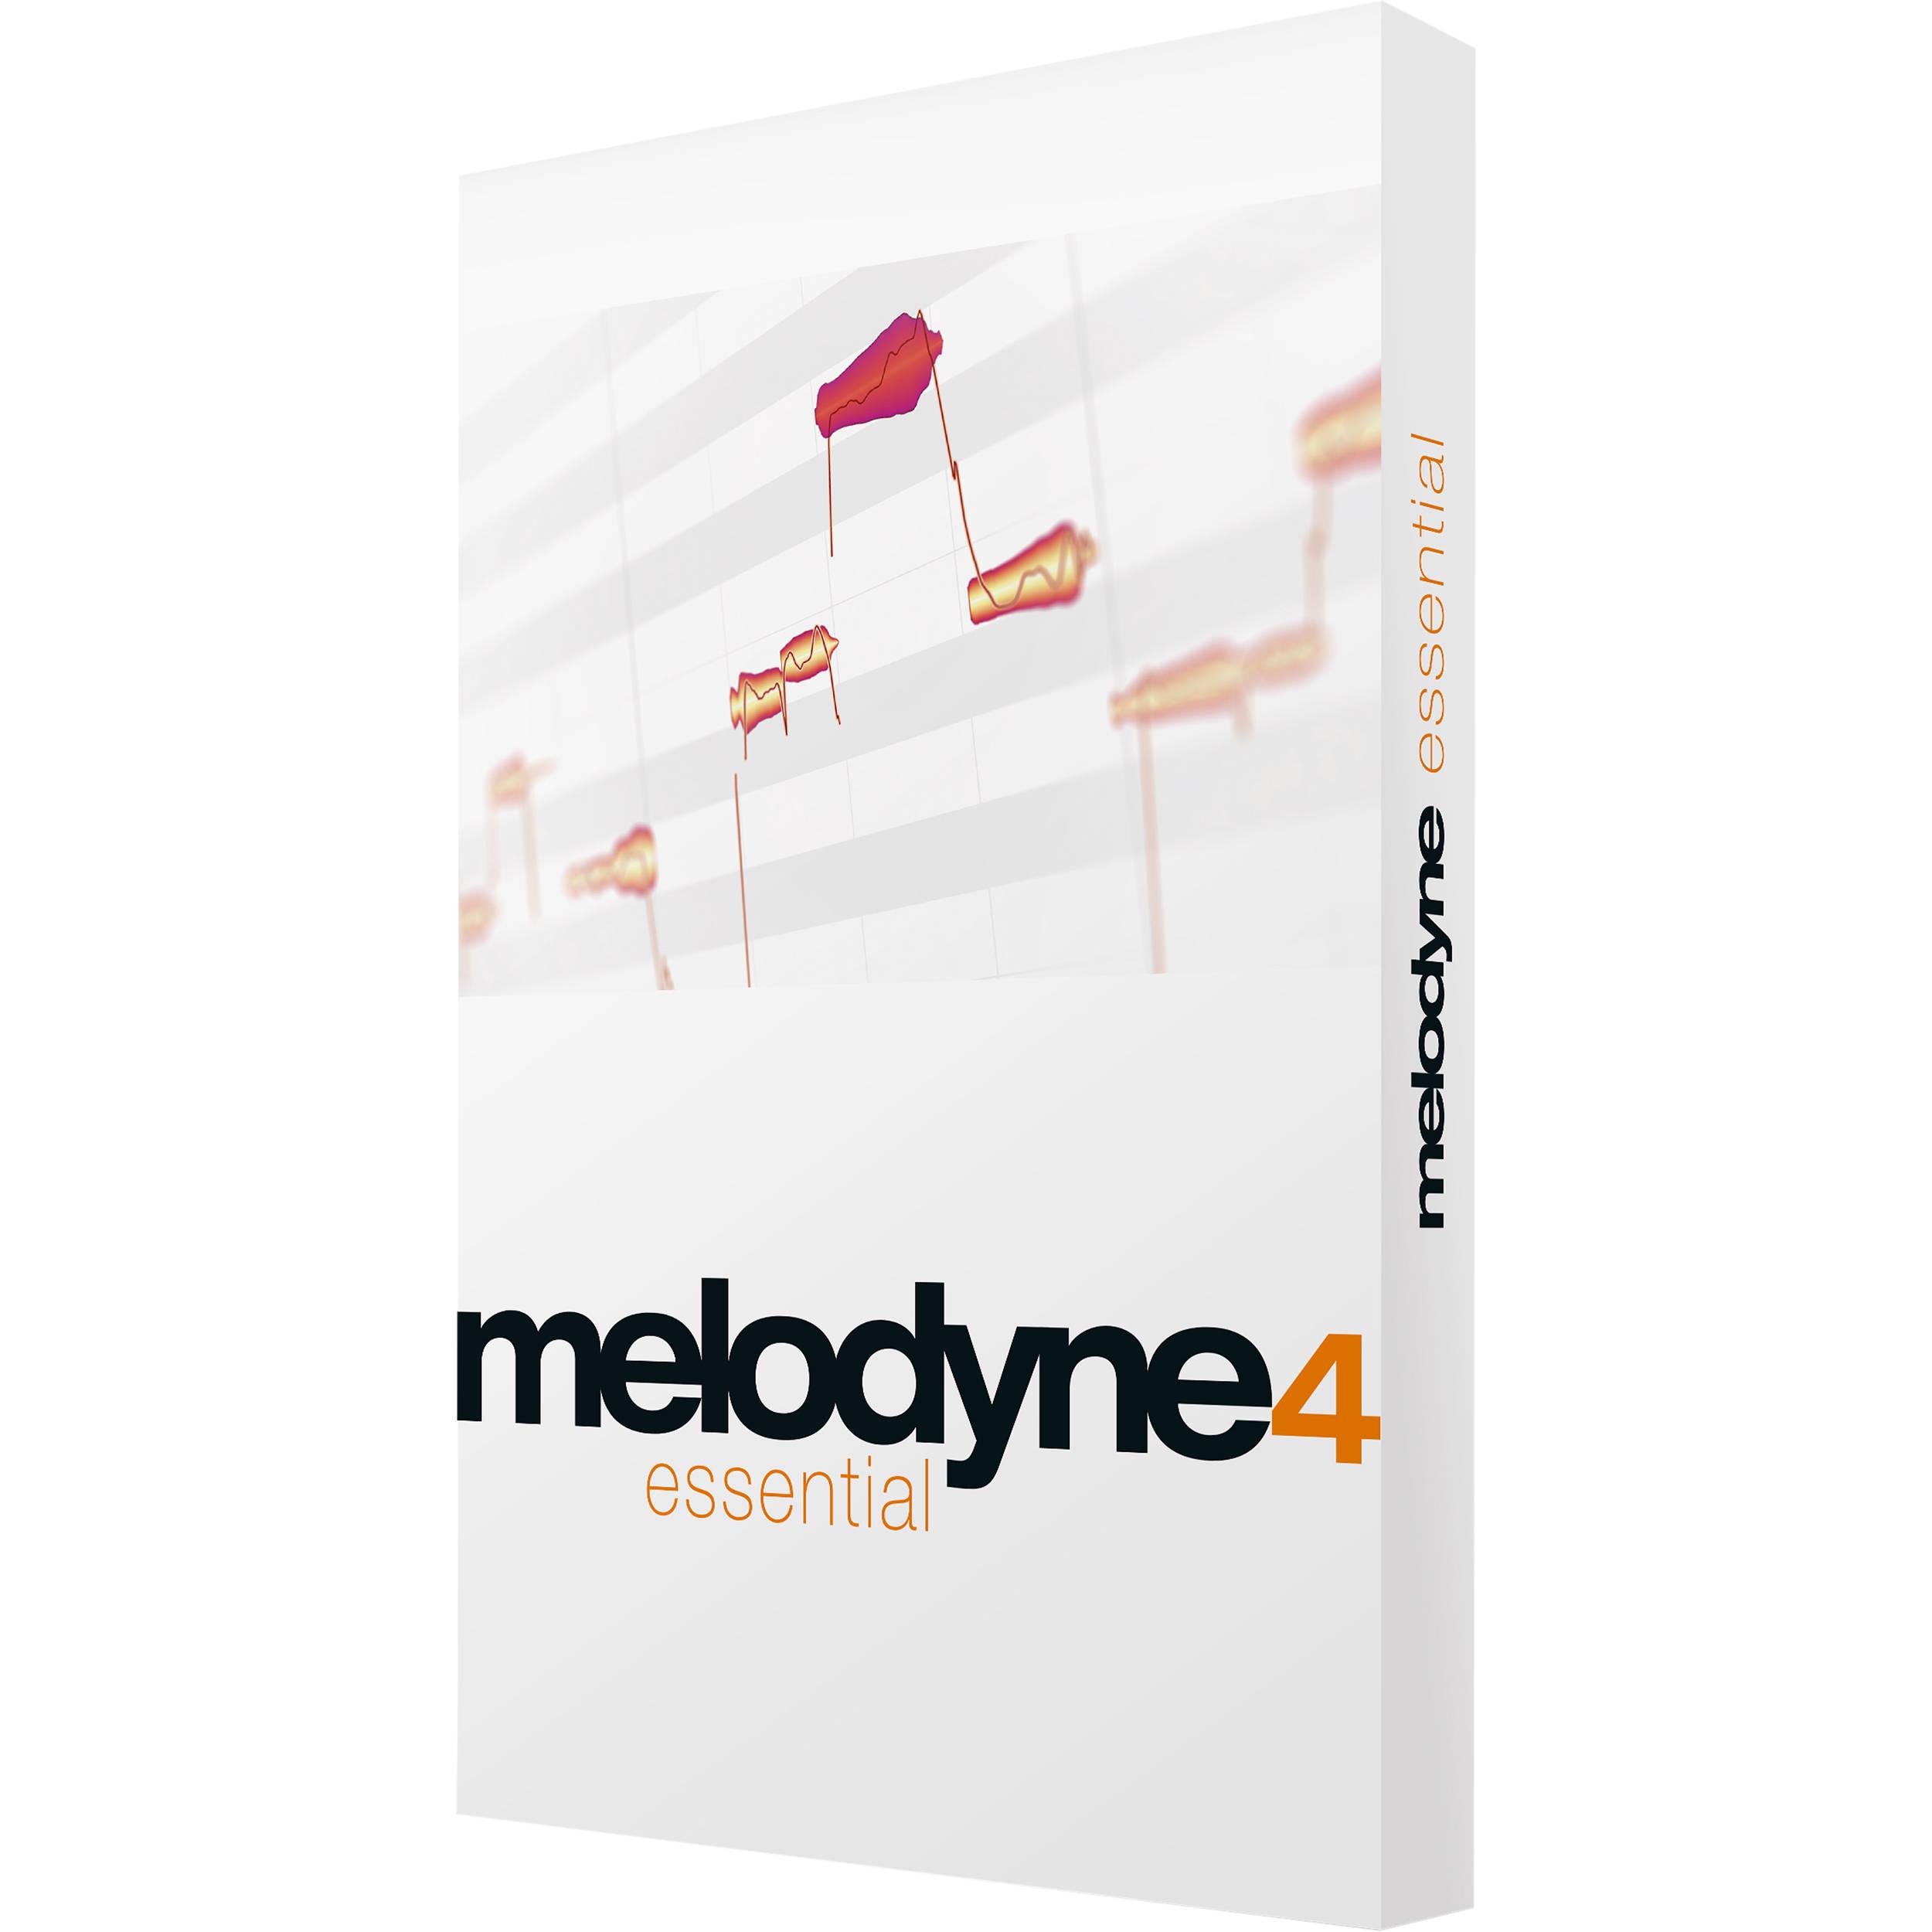 Celemony Essential Melodyne